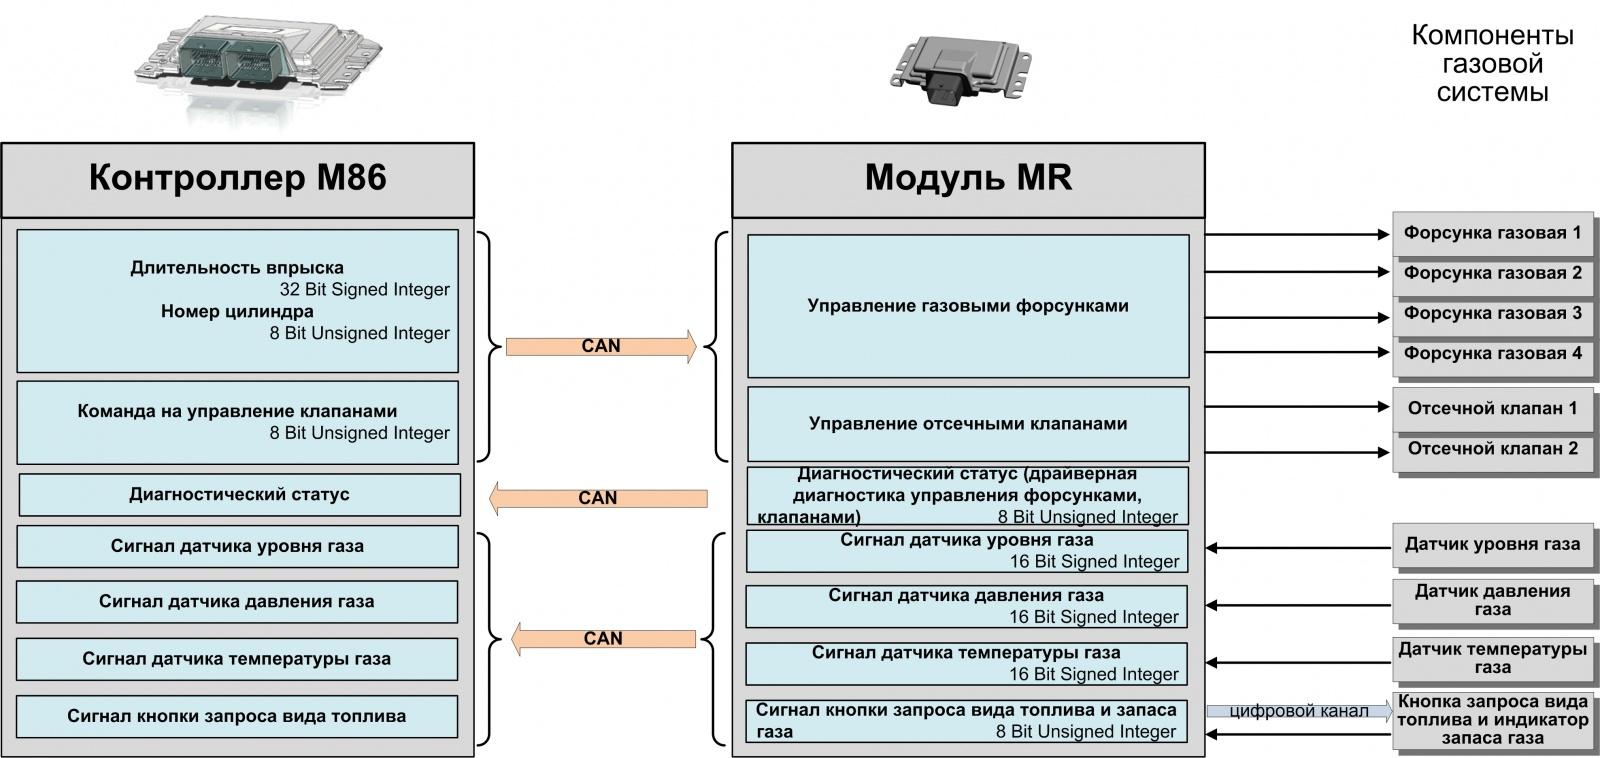 Первая в России серийная система управления двухтопливным двигателем с функциональным разделением контроллеров - 4